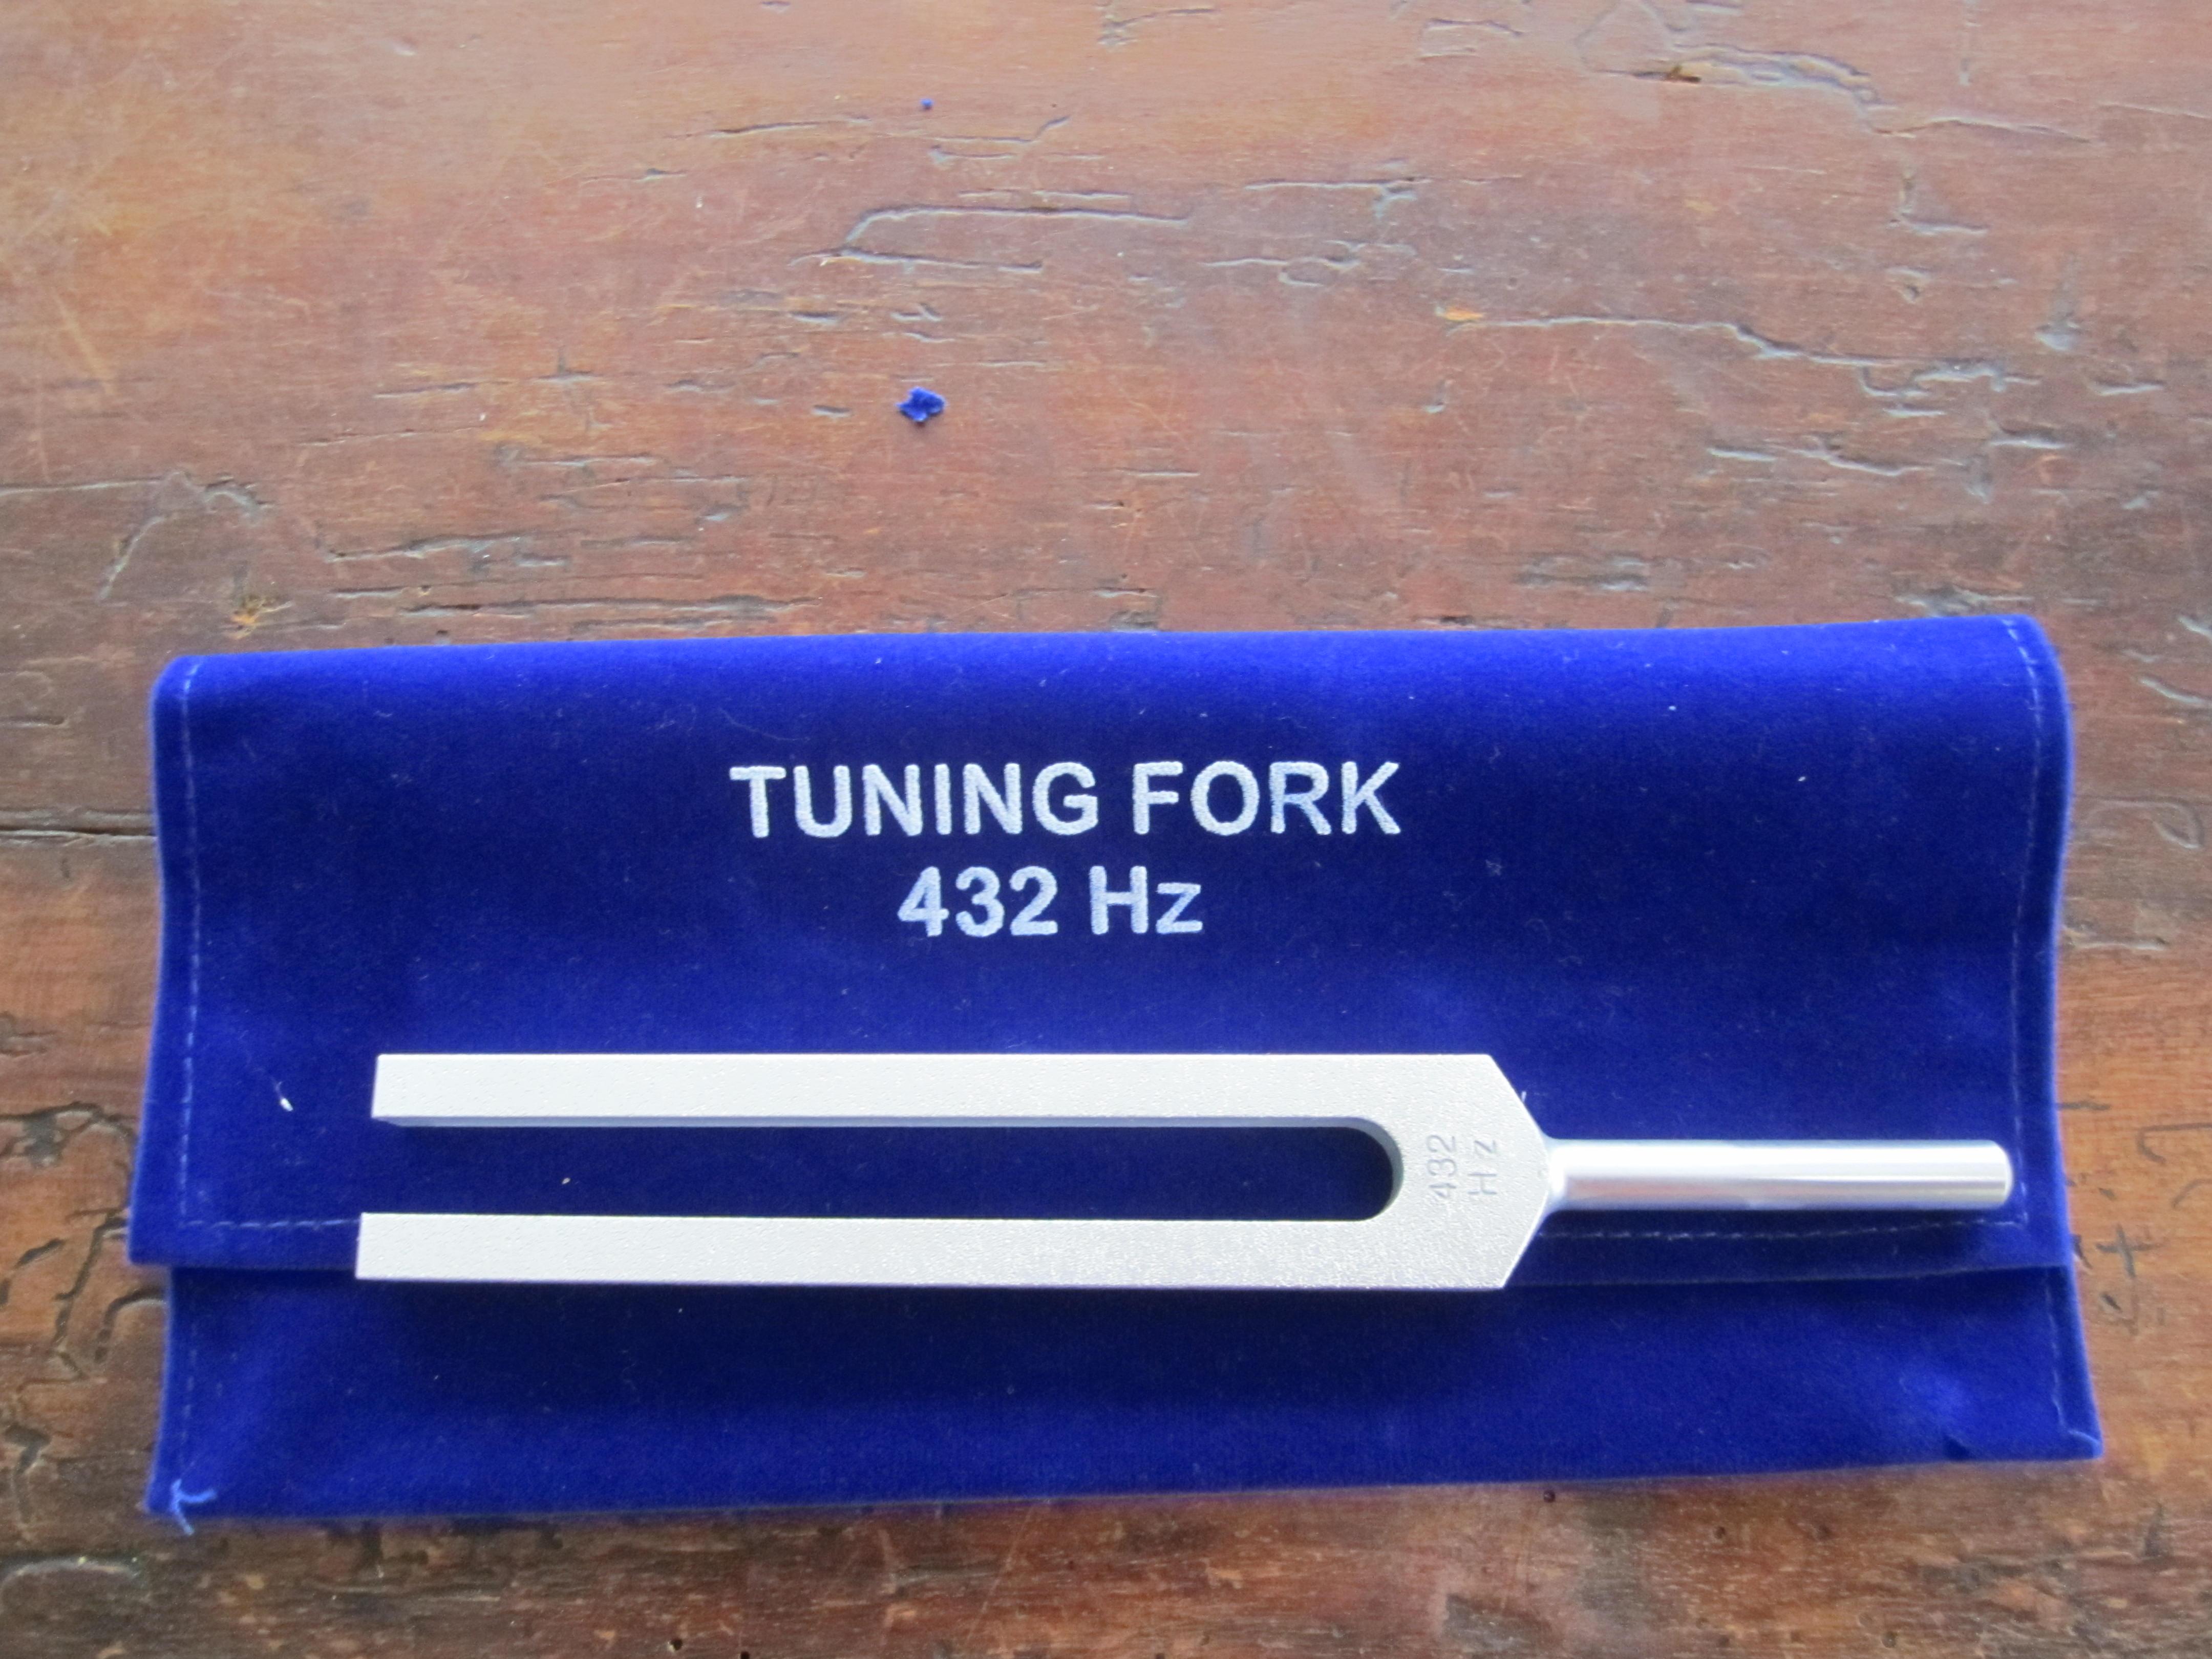 432 hz tuning fork. Black Bedroom Furniture Sets. Home Design Ideas